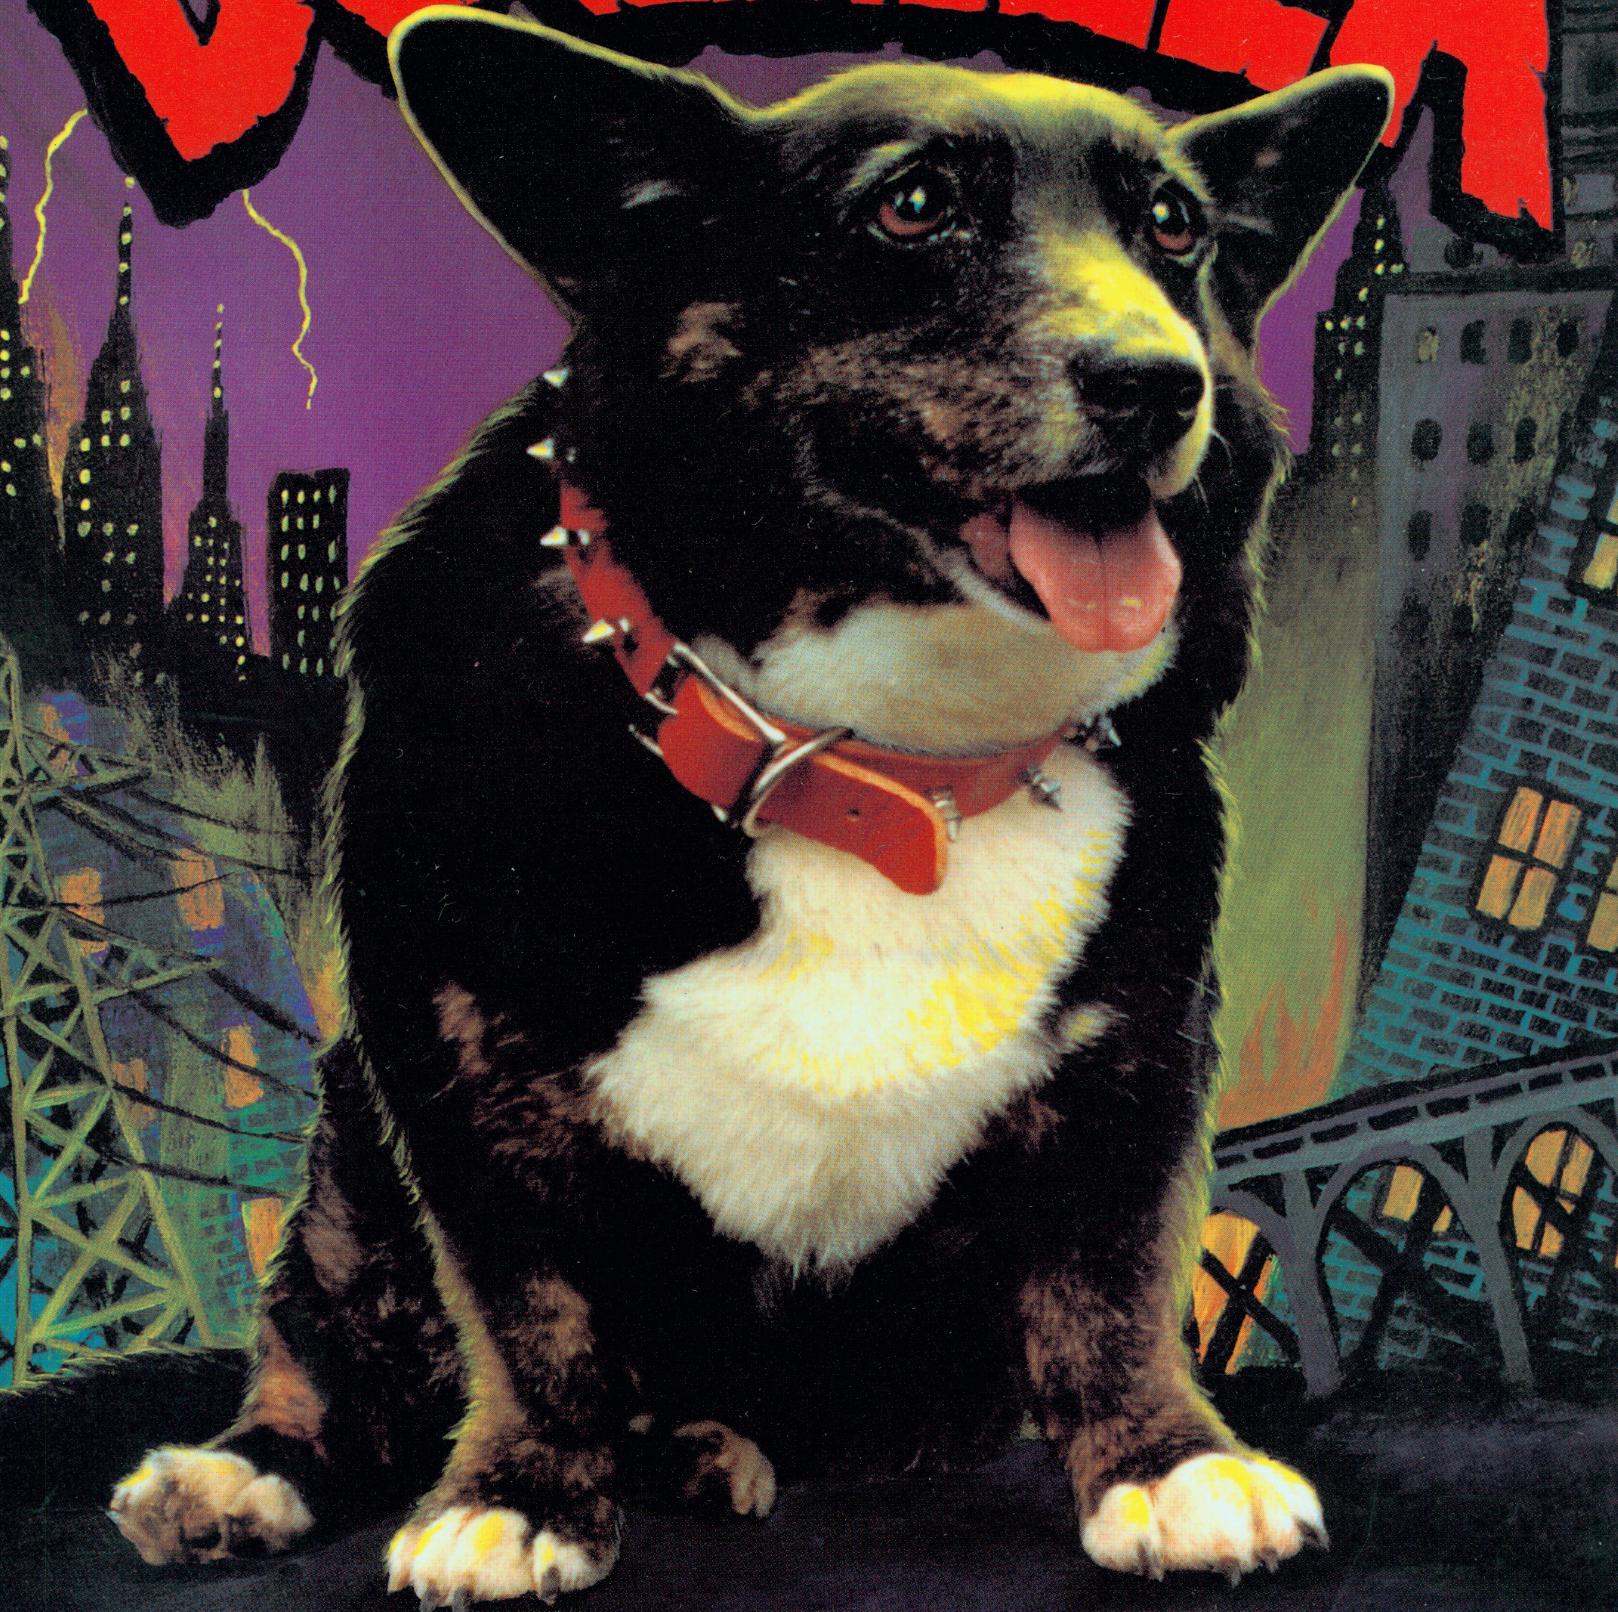 Dogzilla (Monster)